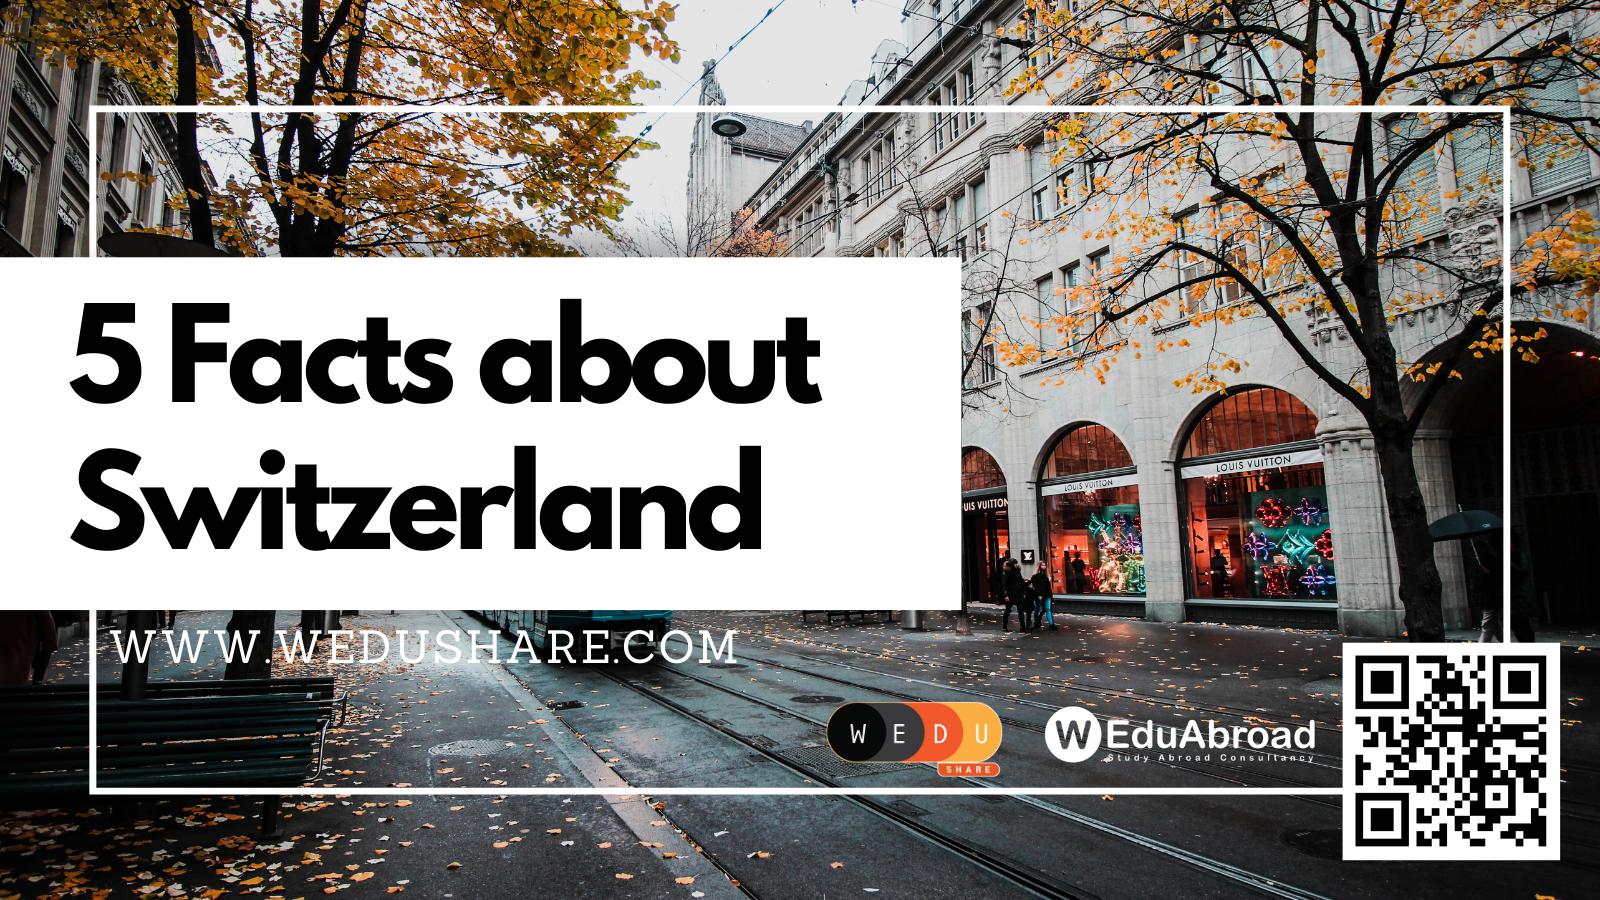 Study in Switzerland: 5 Facts about Switzerland